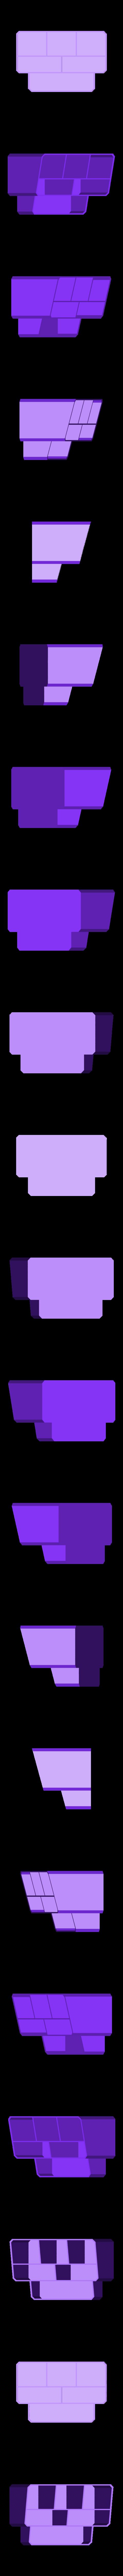 PenHolder simple.stl Download free STL file Pencil case • 3D printing design, ReMont